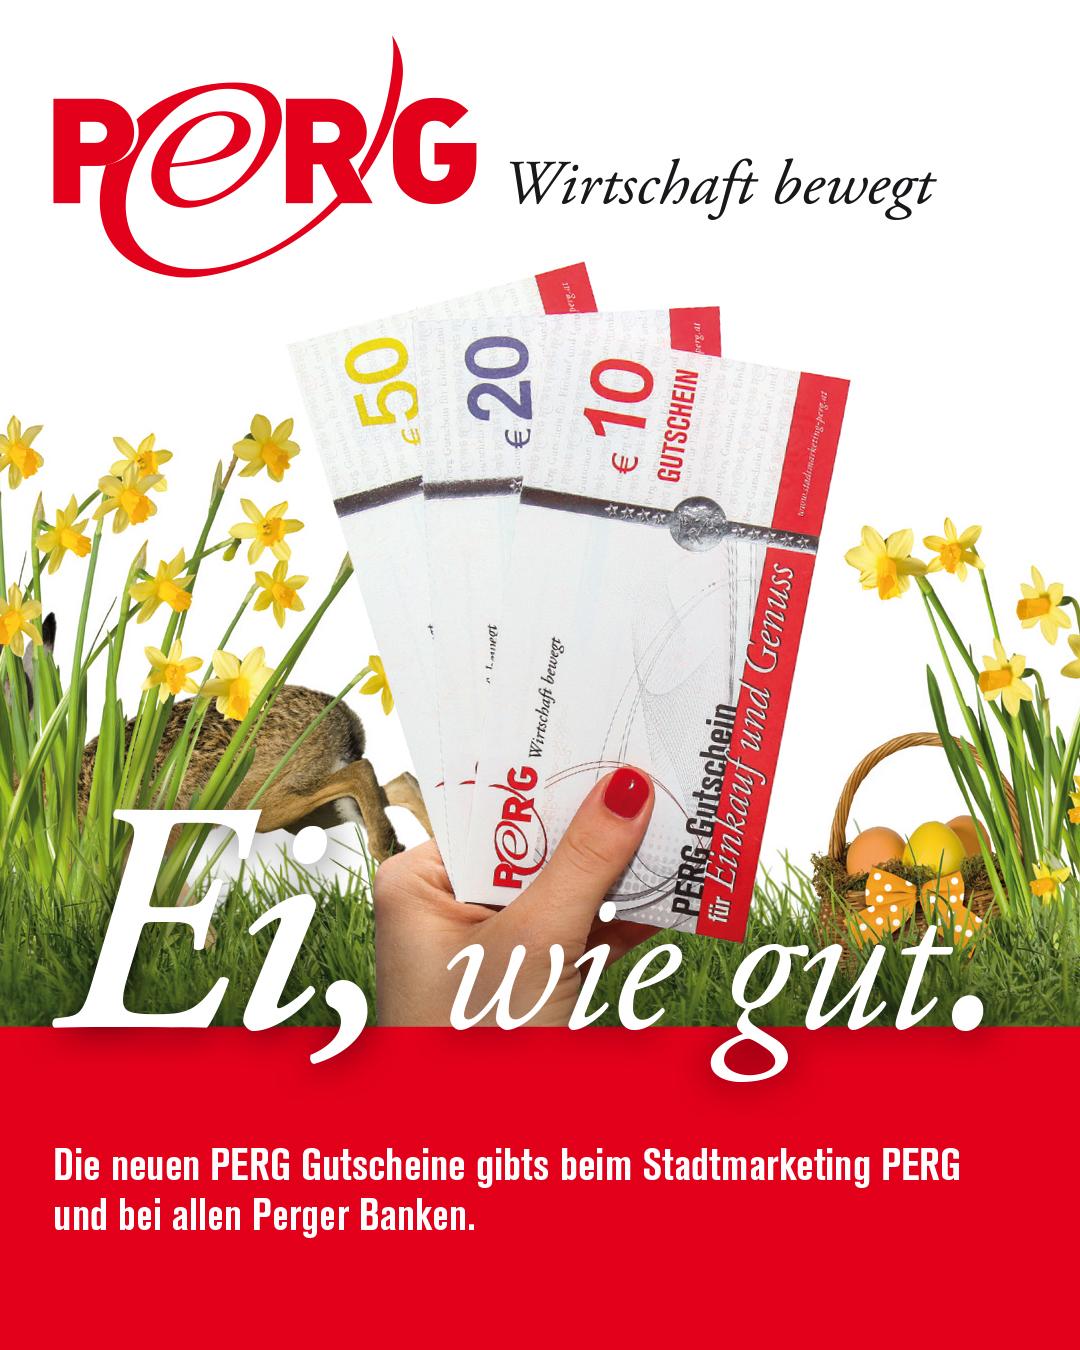 PERG-Gutschein als Oster-Geschenk